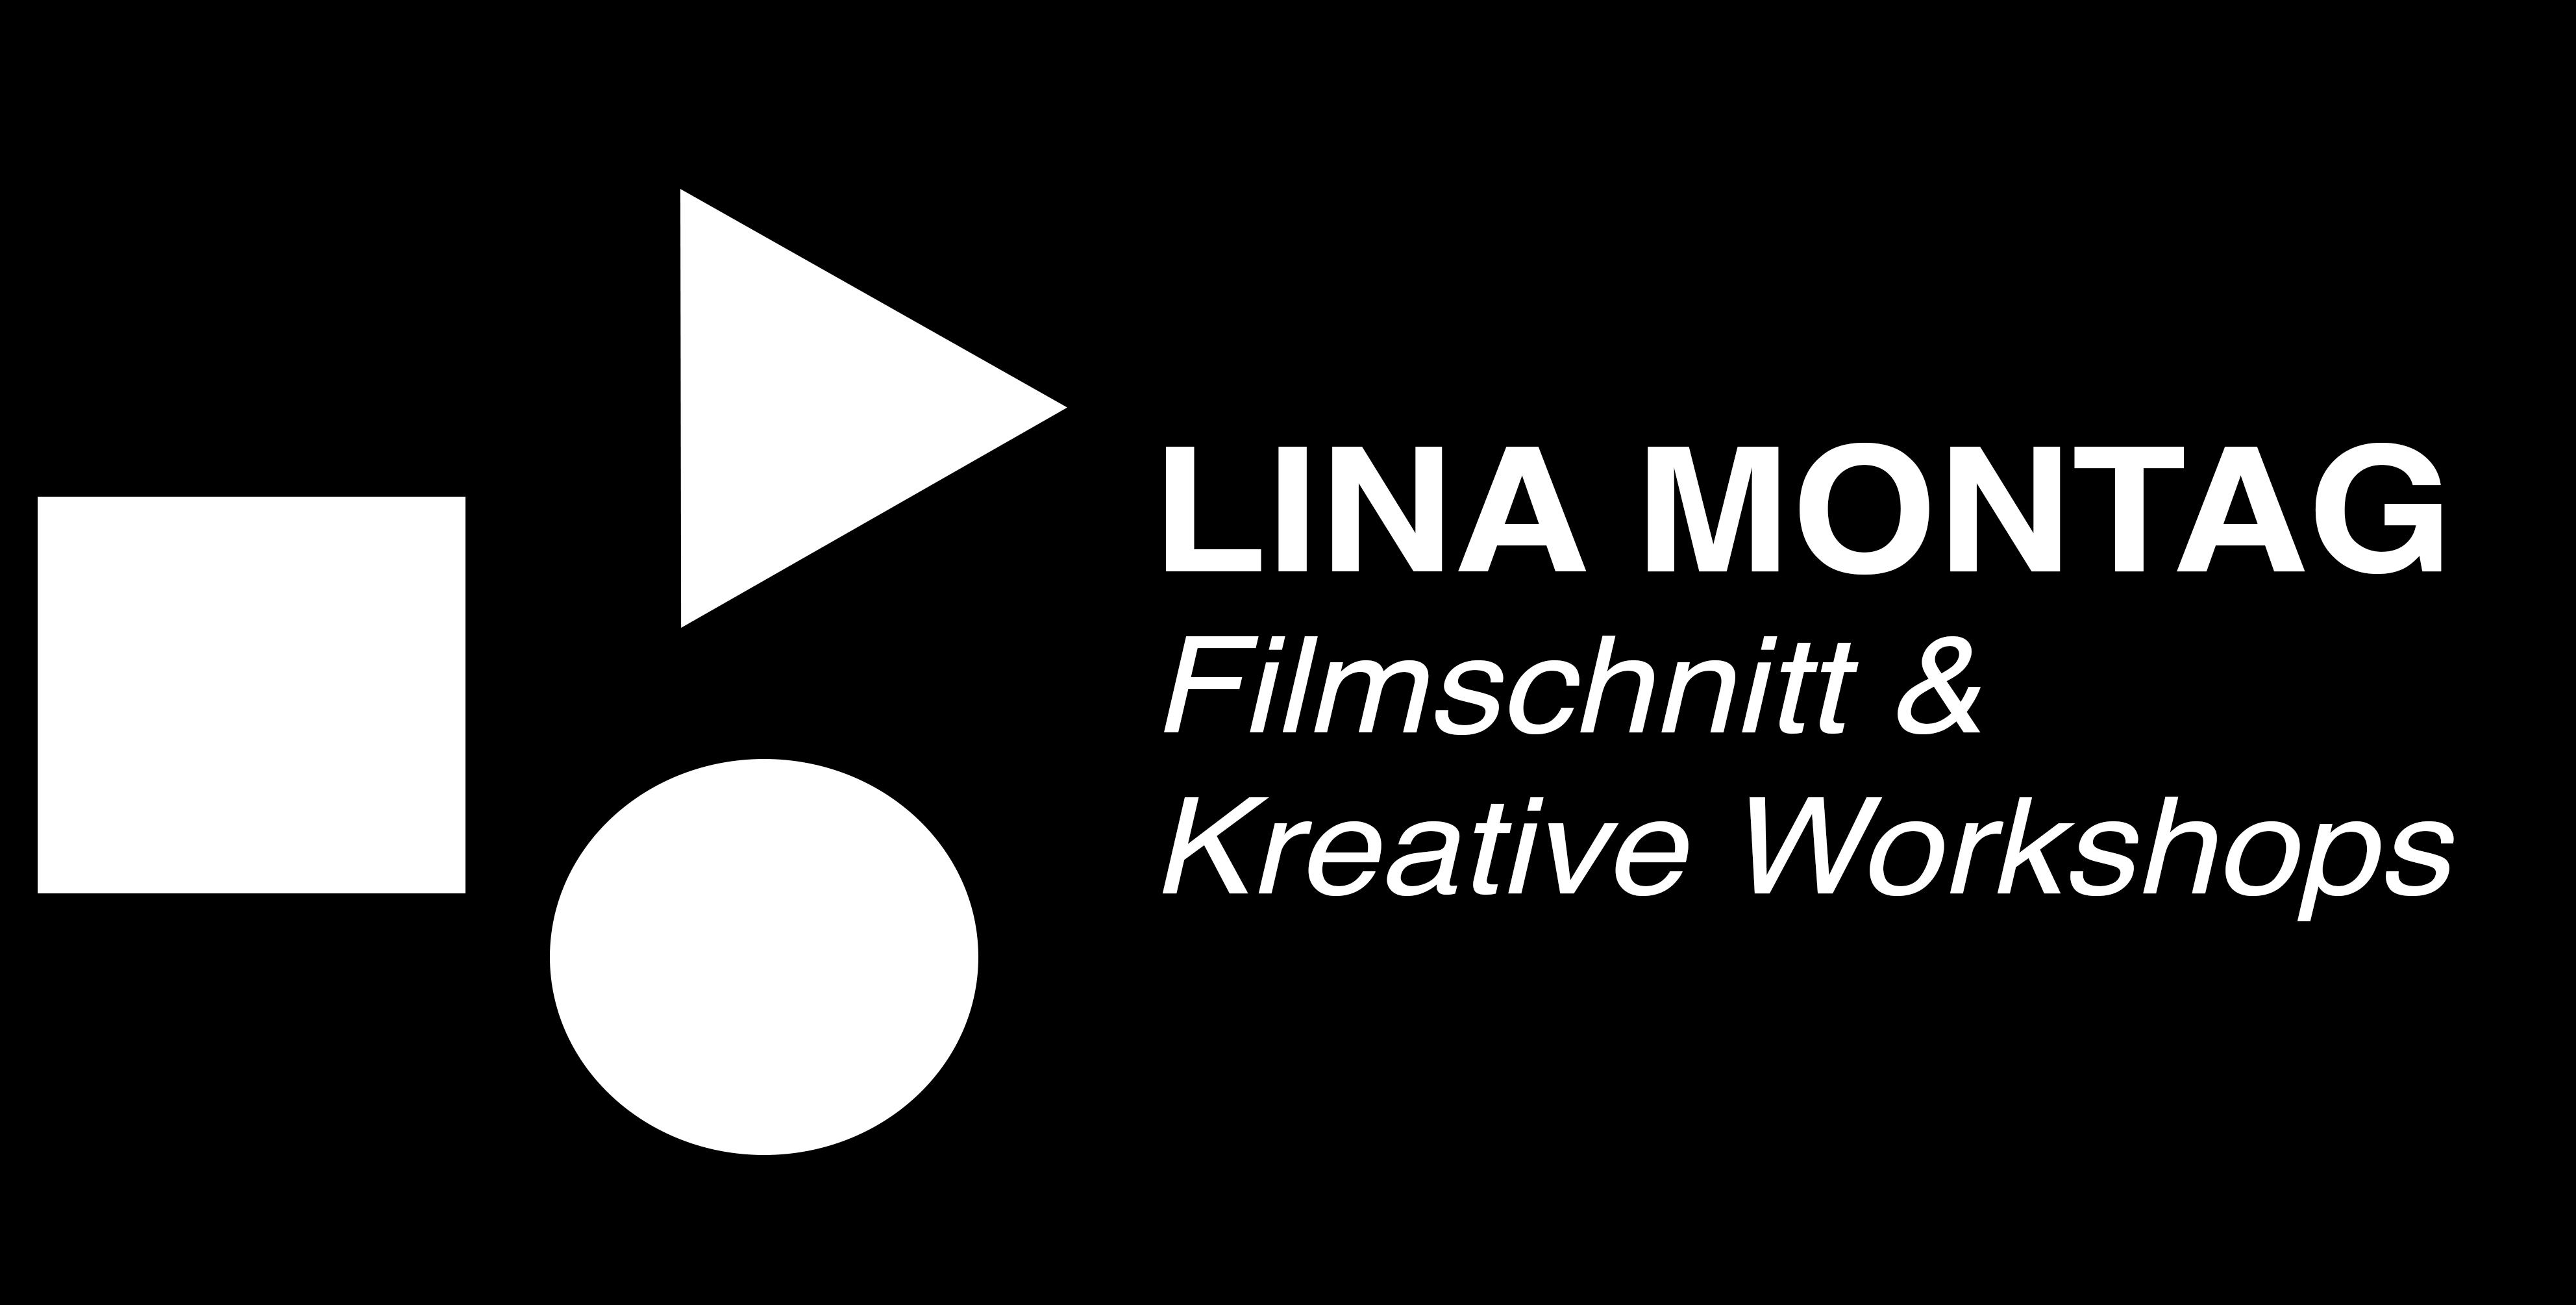 Lina Montag